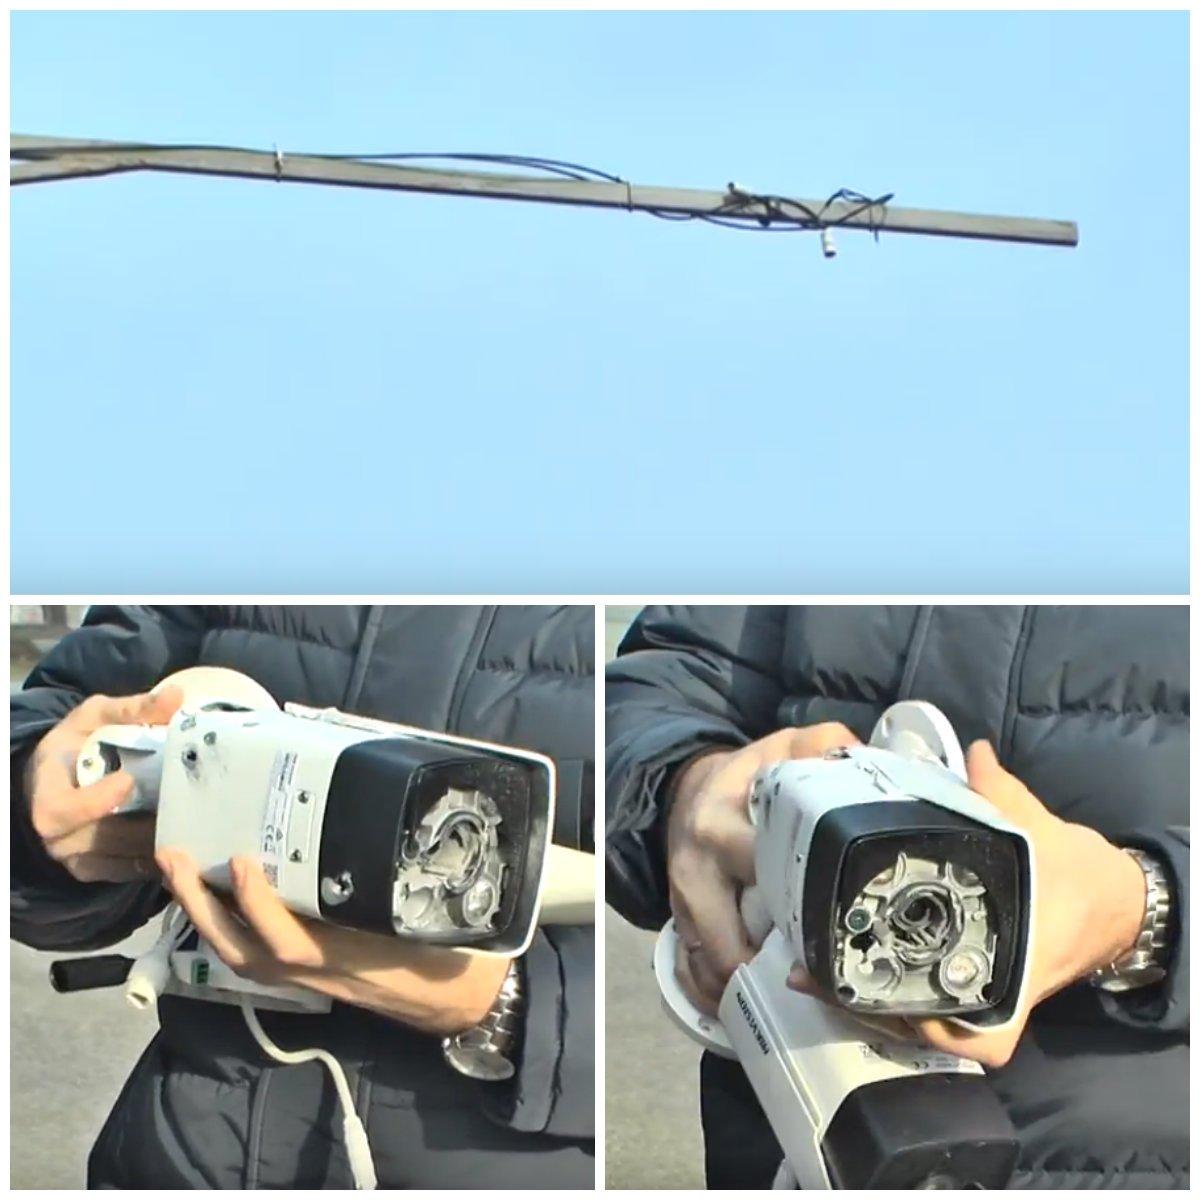 Стоимость поврежденных камер около 25000 гривен